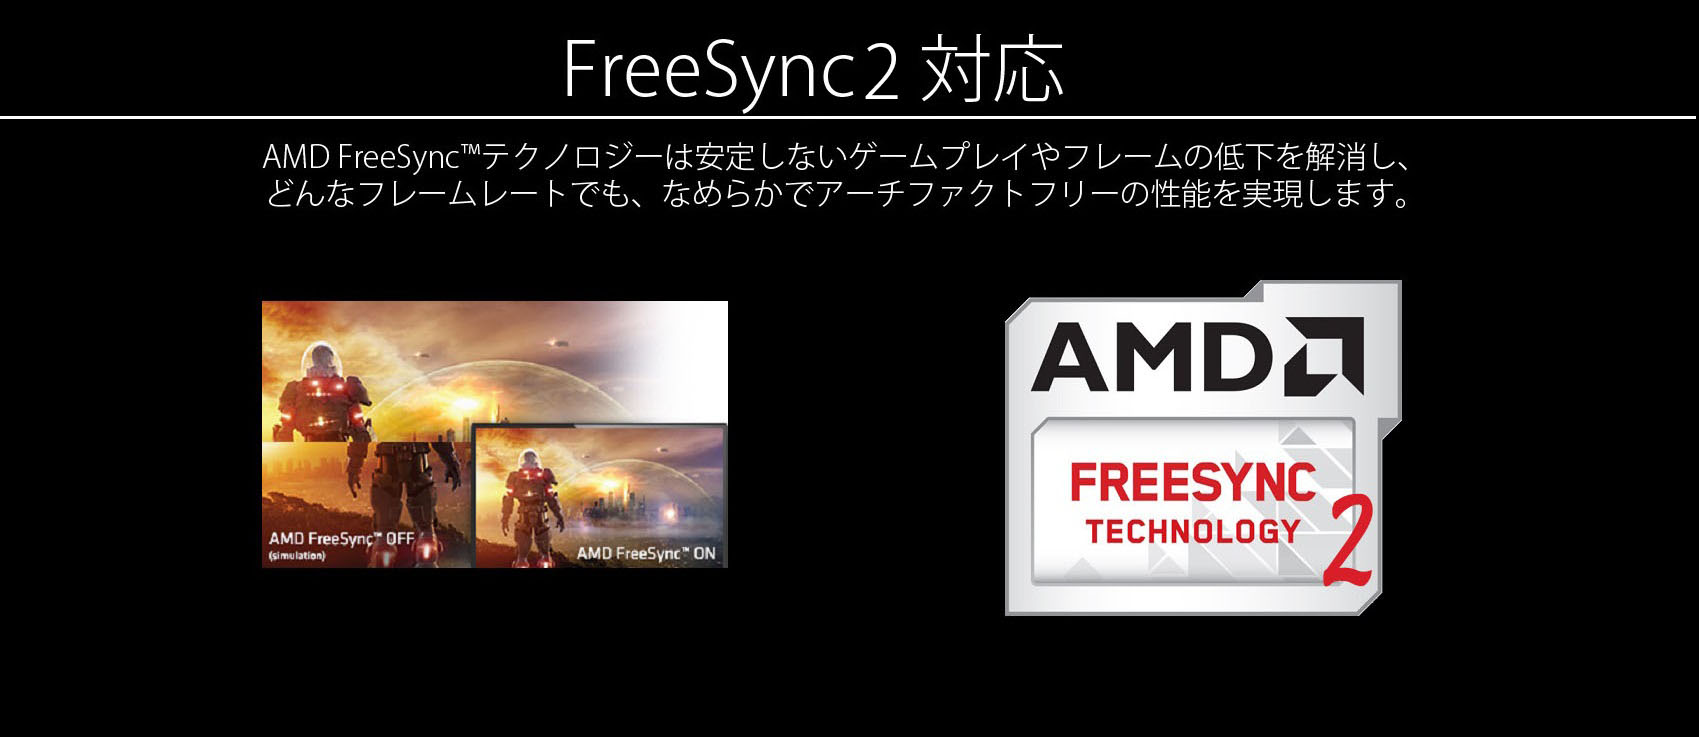 ちらつきやティアリングがない、純粋にゲームに没頭できる環境を。AMD FreeSync™テクノロジーは安定しないゲームプレイやフレームの低下を解消し、どんなフレームレートでも、なめらかでアーチファクトフリーの性能を実現します。